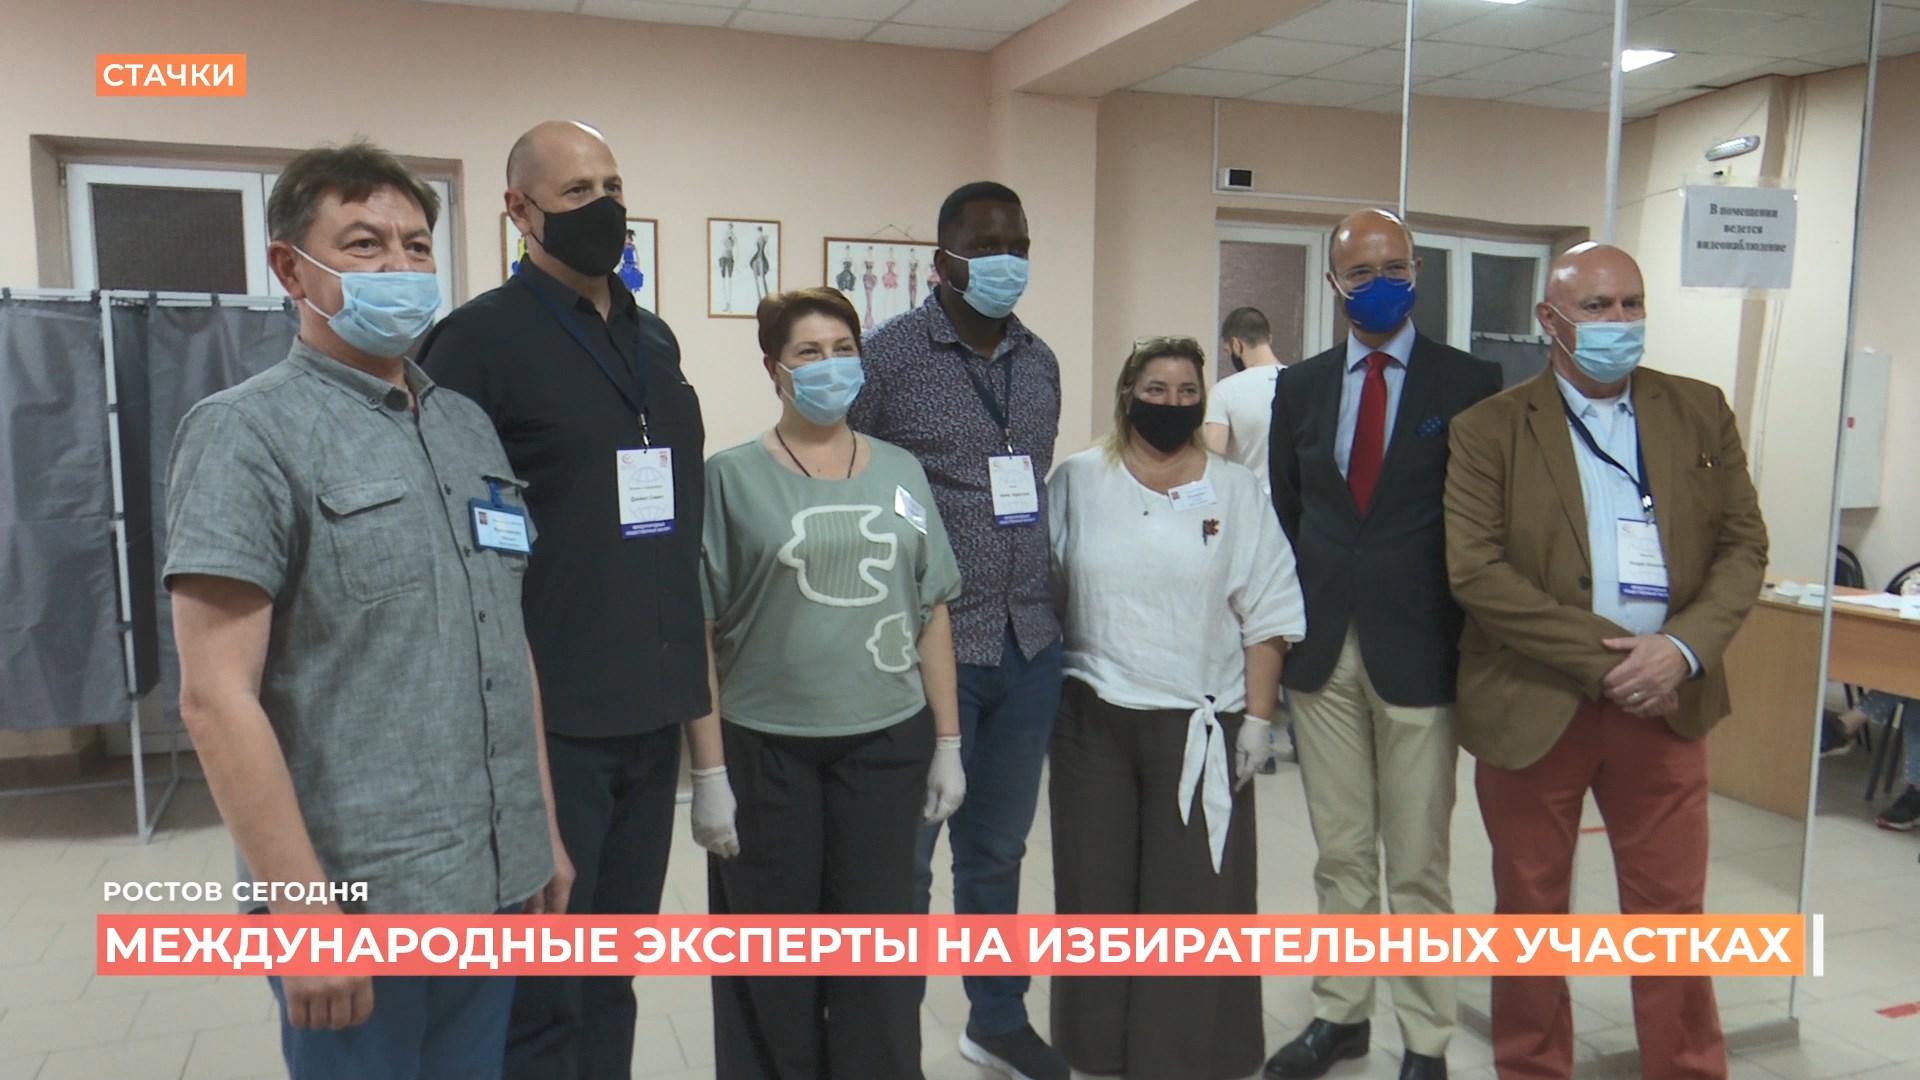 Ростов сегодня: утренний выпуск 10.00. 19 сентября 2021